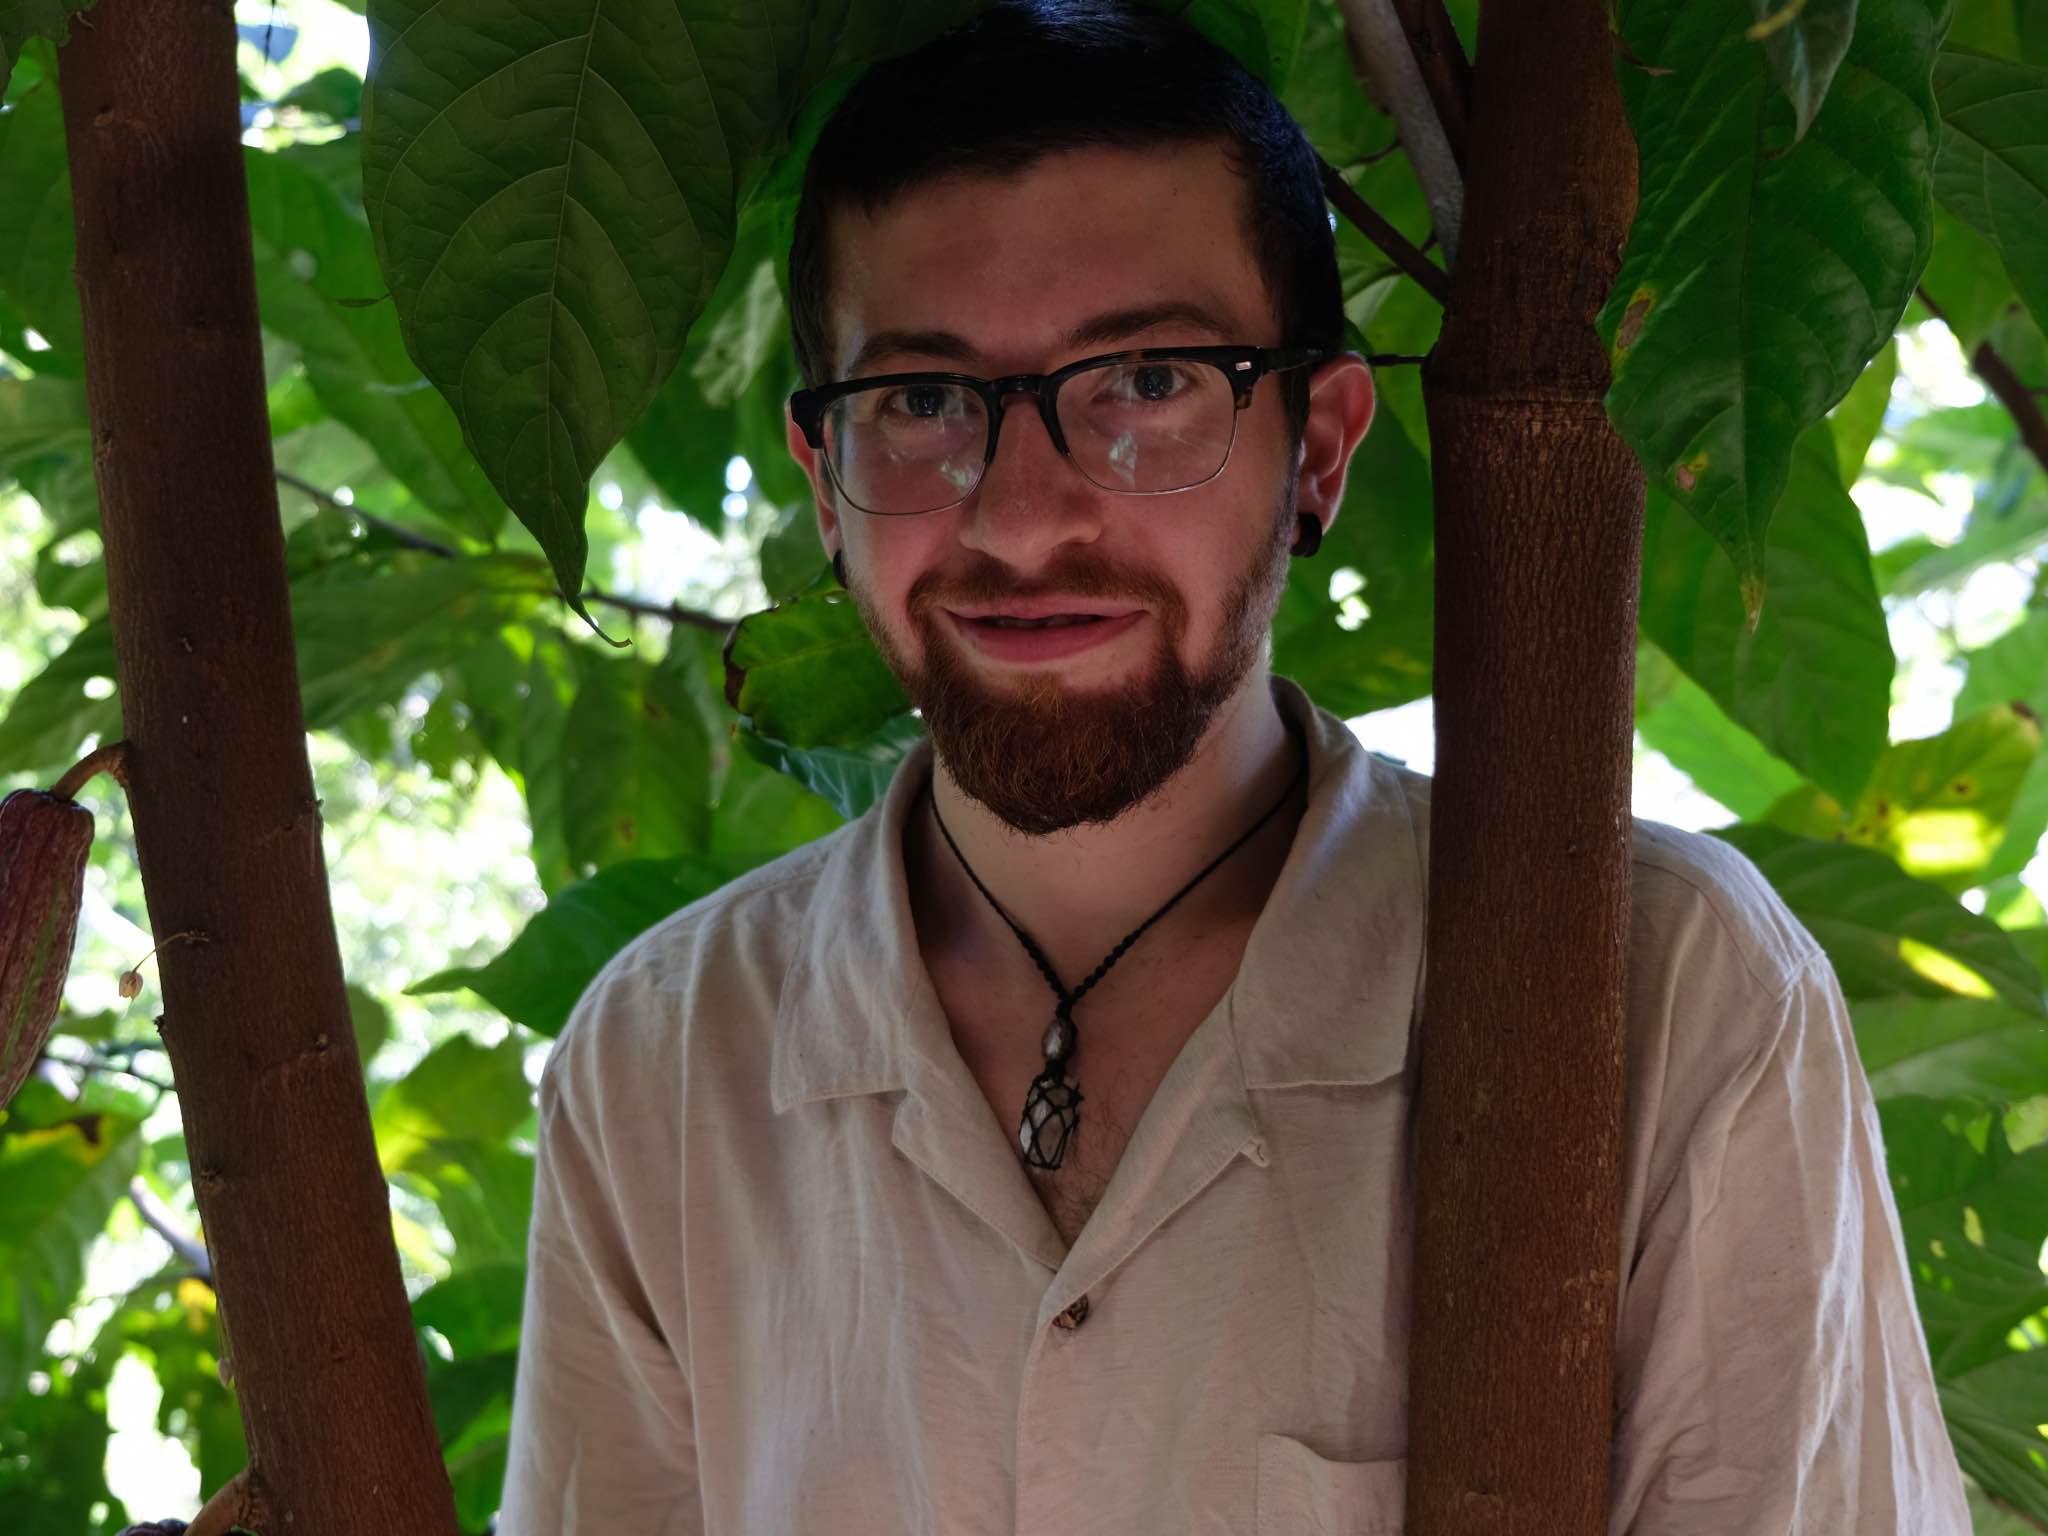 Mischa war ein Jahr in Südamerika und lernte dort die besonderen Eigenschaften von Kakao kennen. Foto: Ela Fabienne Breuer.